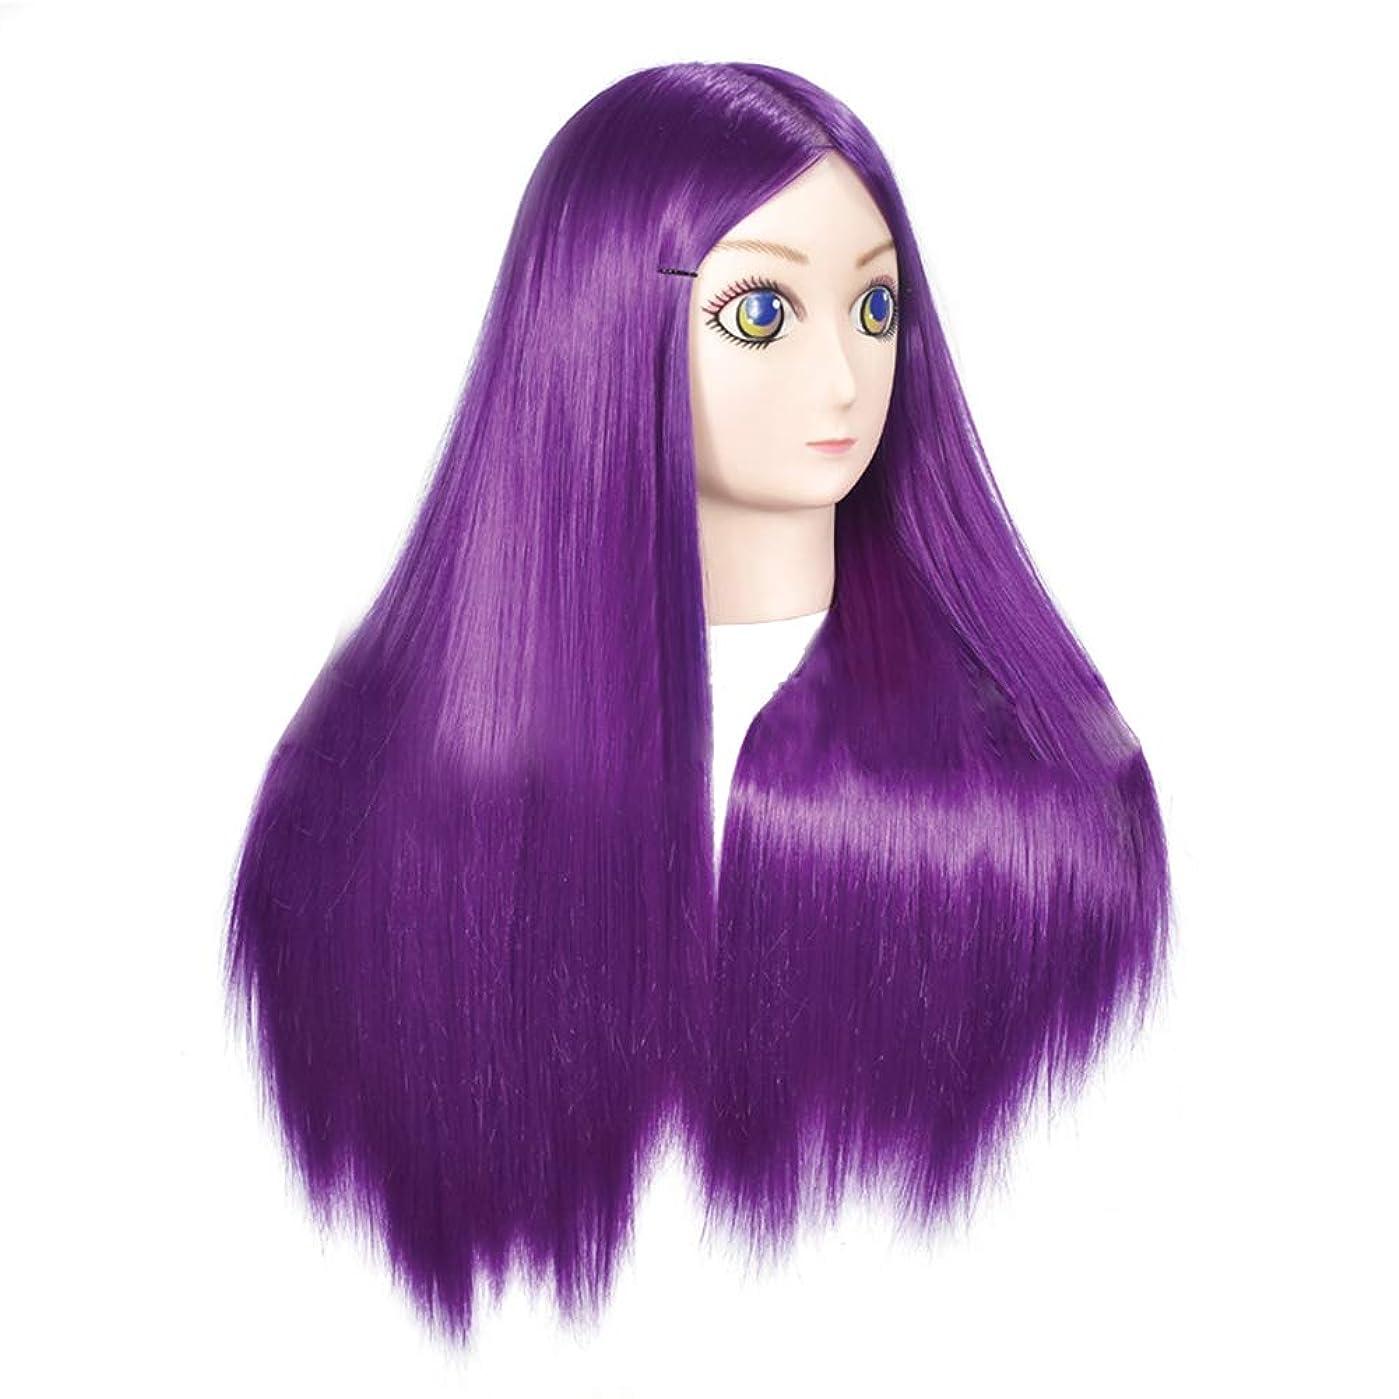 規制カセット毒高温シルクヘアスタイリングモデルヘッド女性モデルヘッドティーチングヘッド理髪店編組髪染め学習ダミーヘッド